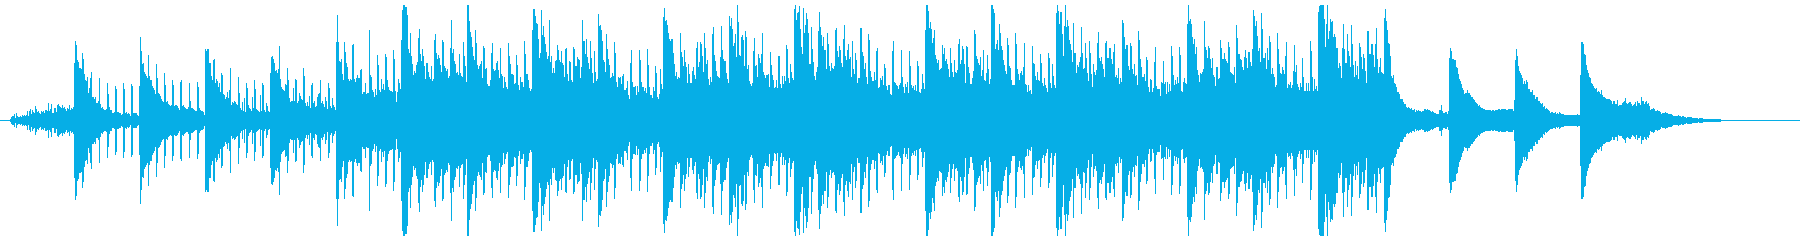 ピアノとSEの軽快なアンビエントの再生済みの波形